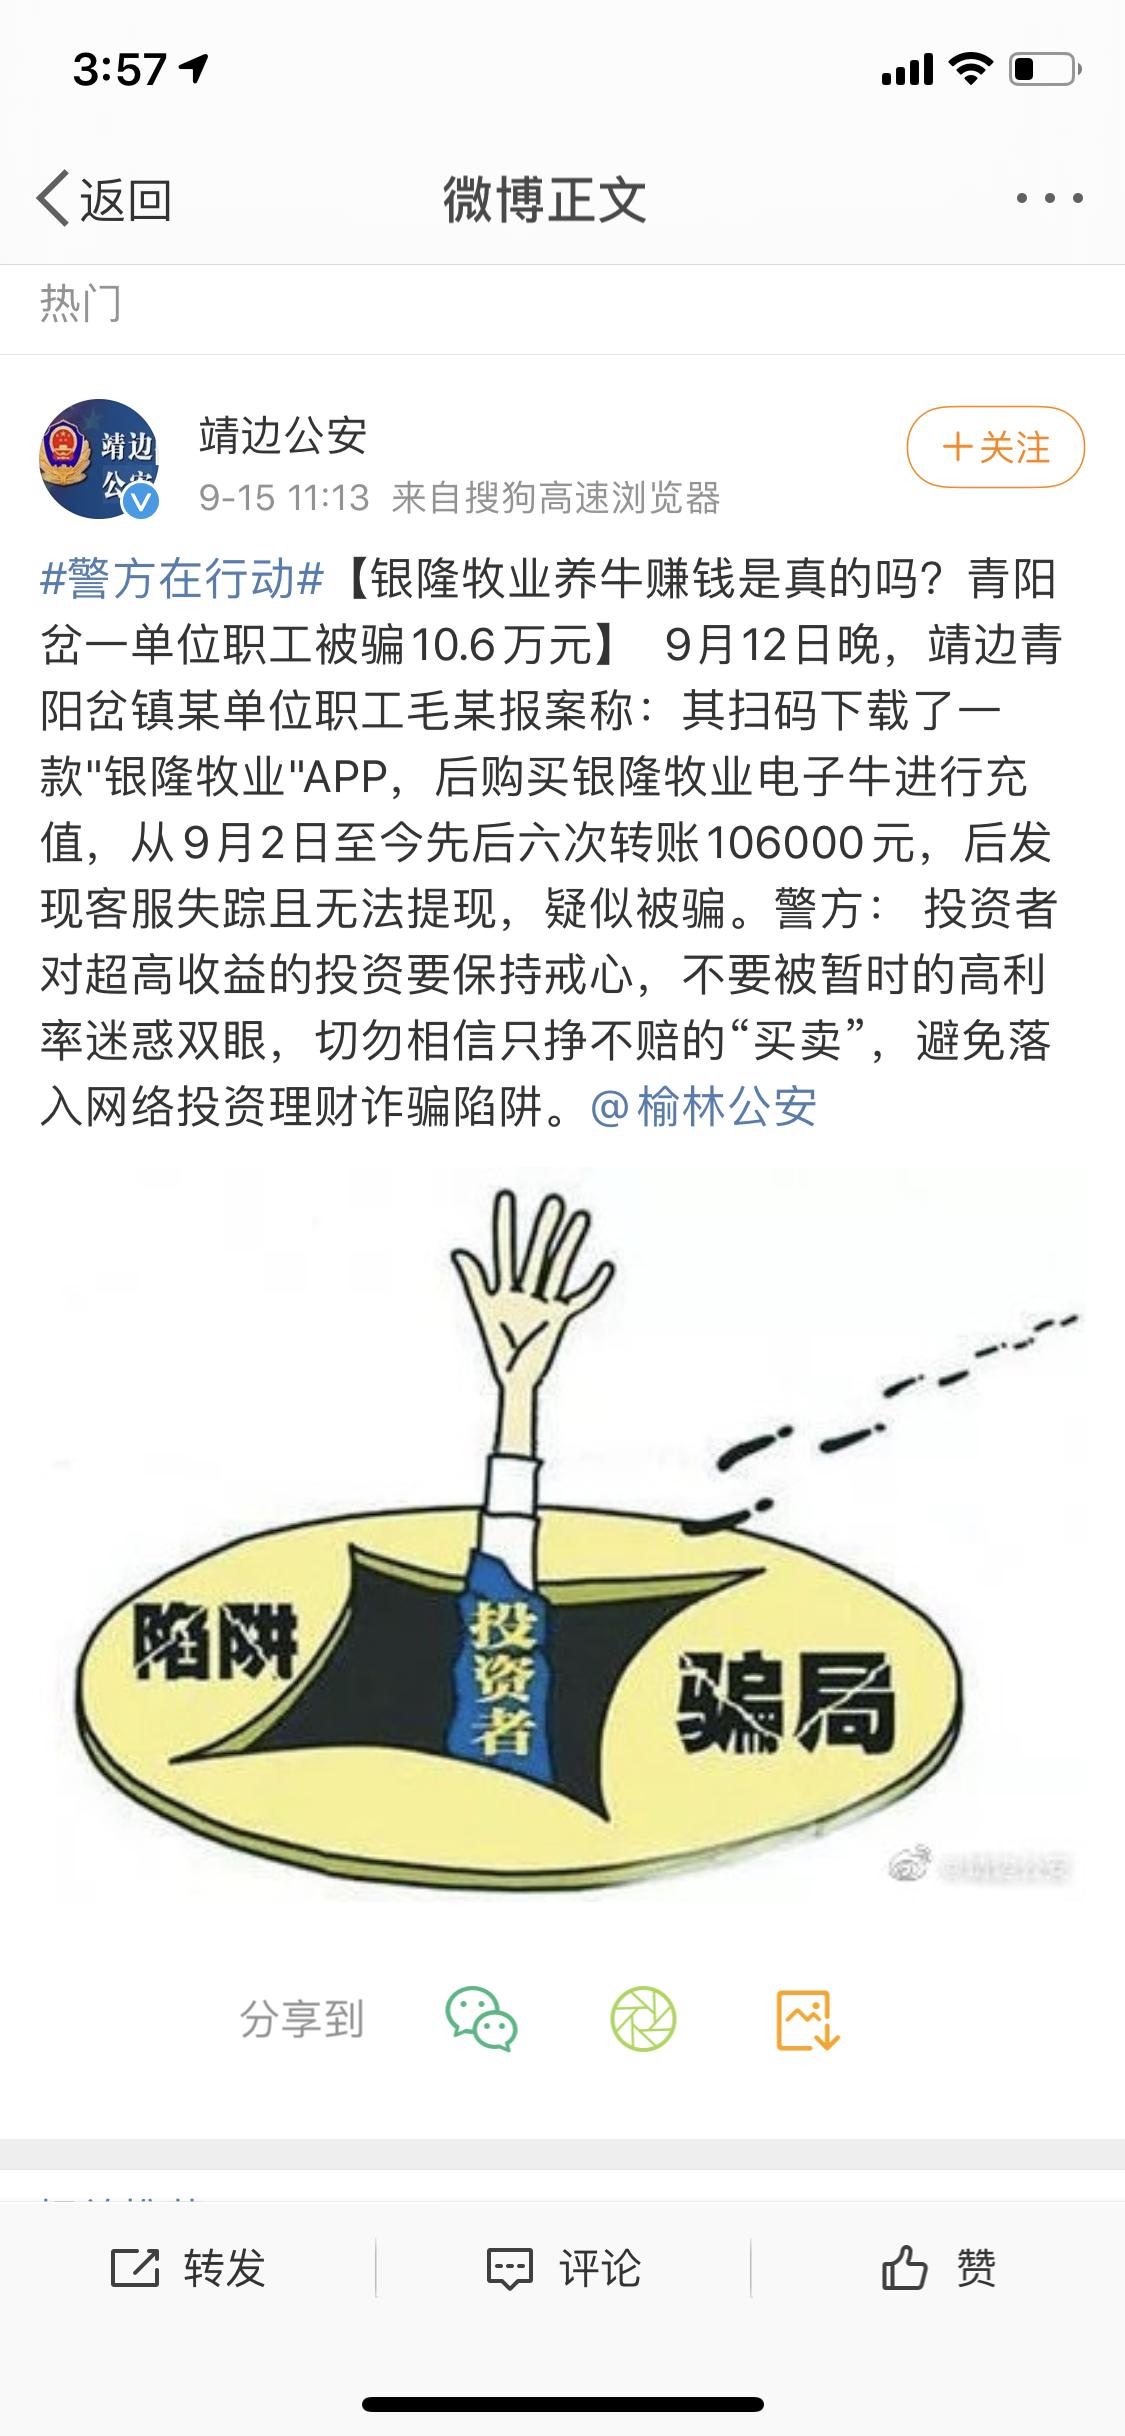 陕西省榆林市靖边县公安局发布防诈骗微博